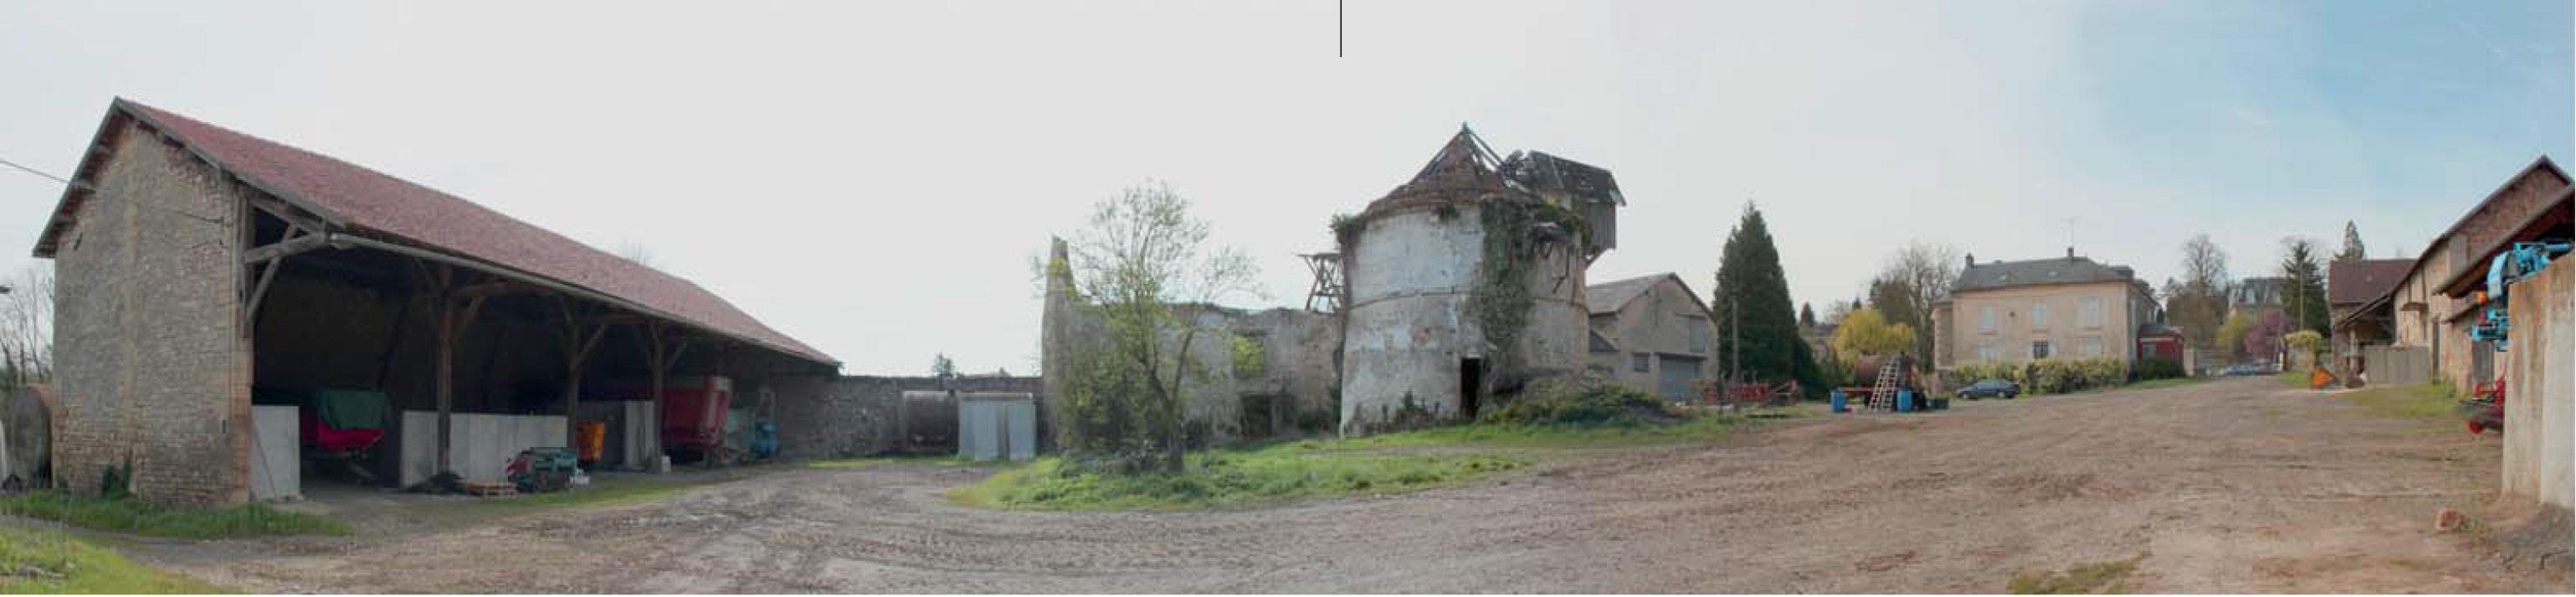 site-2